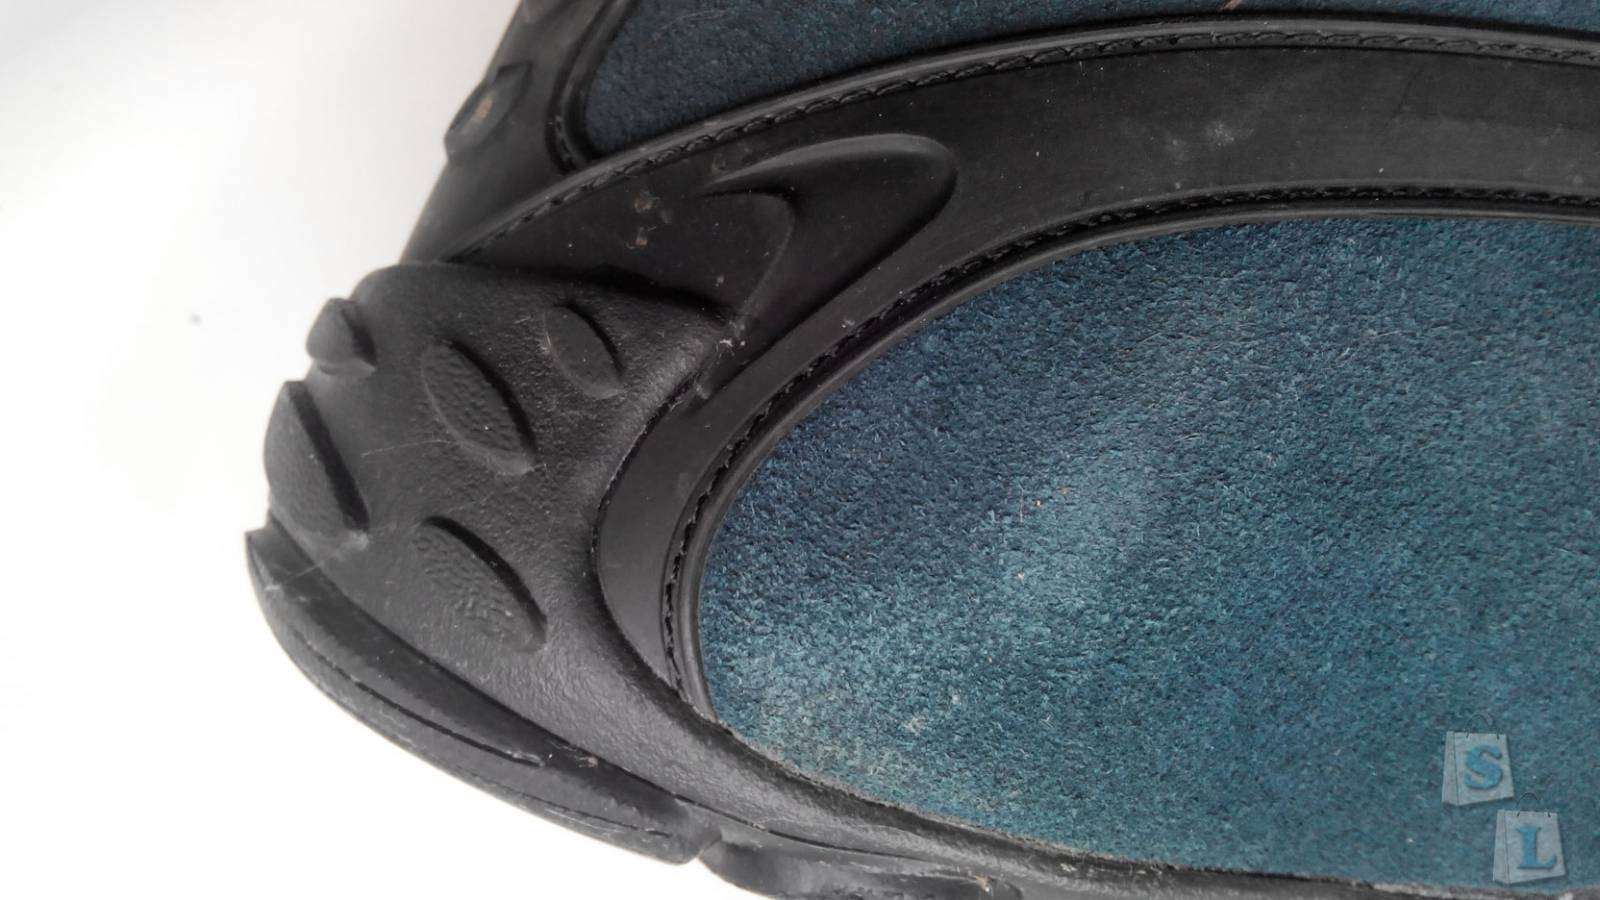 Aliexpress: Китайские утепленные кроссовки - 2 года после покупки